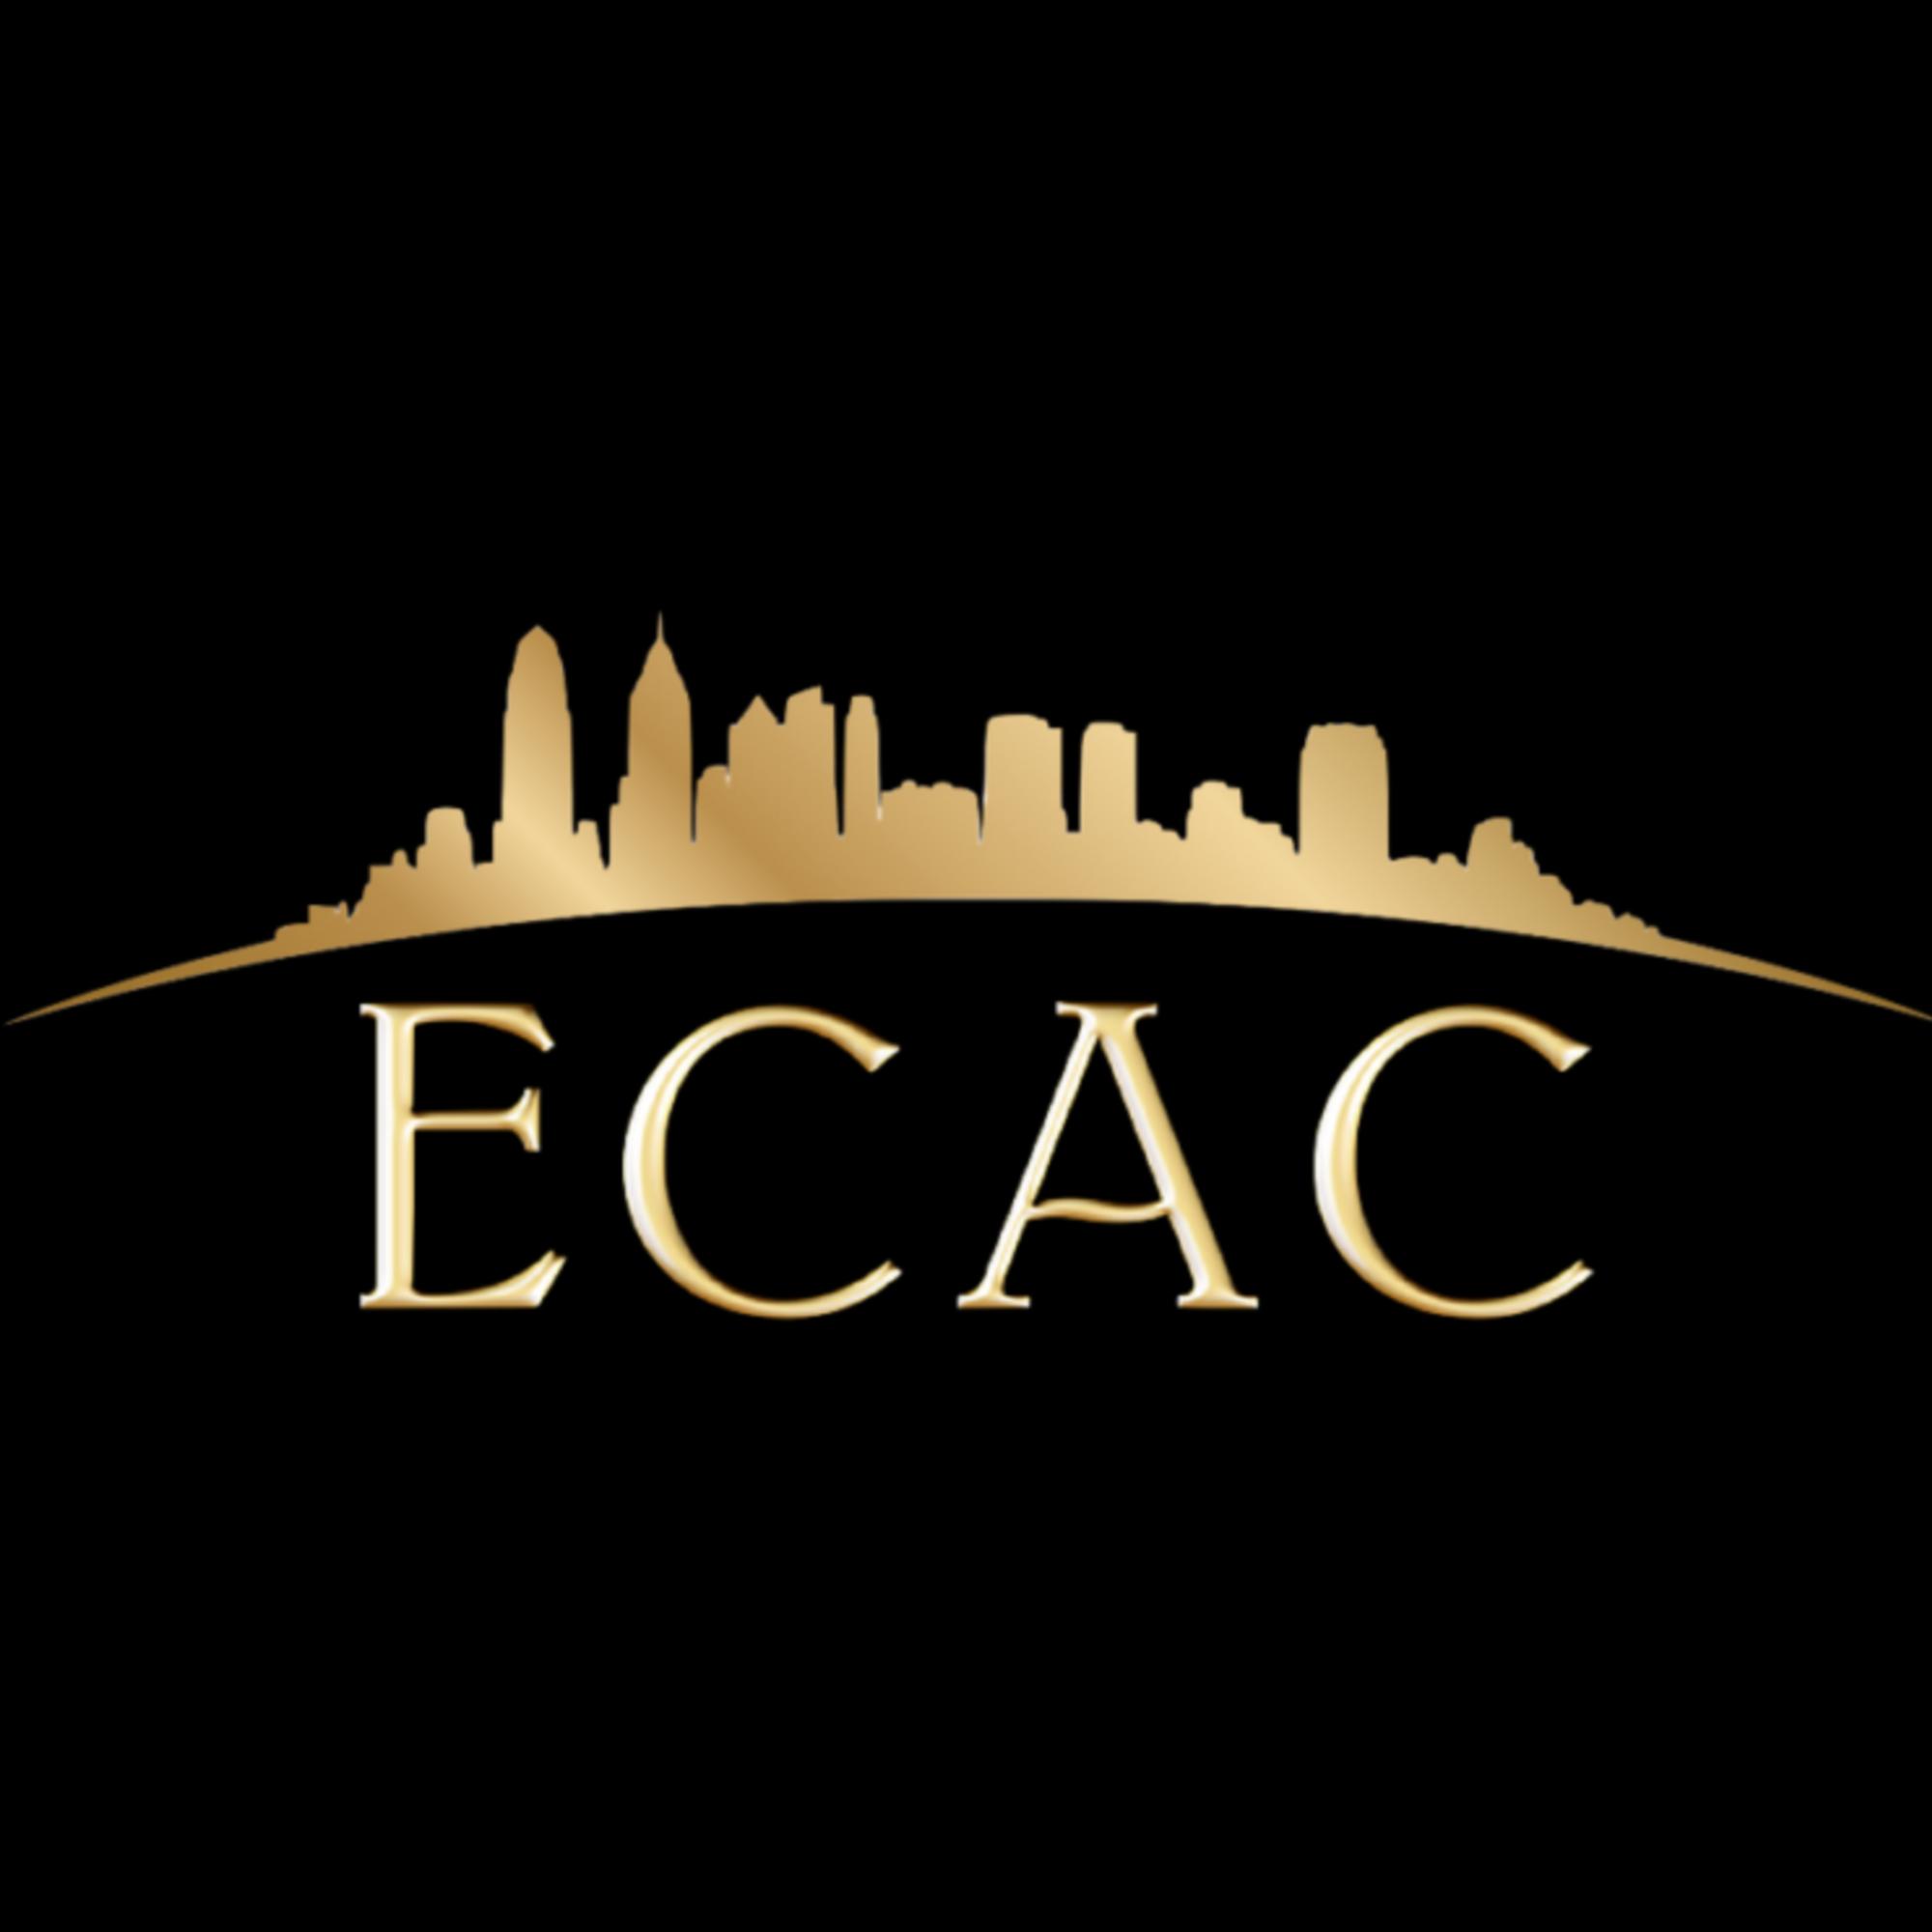 ecac.png